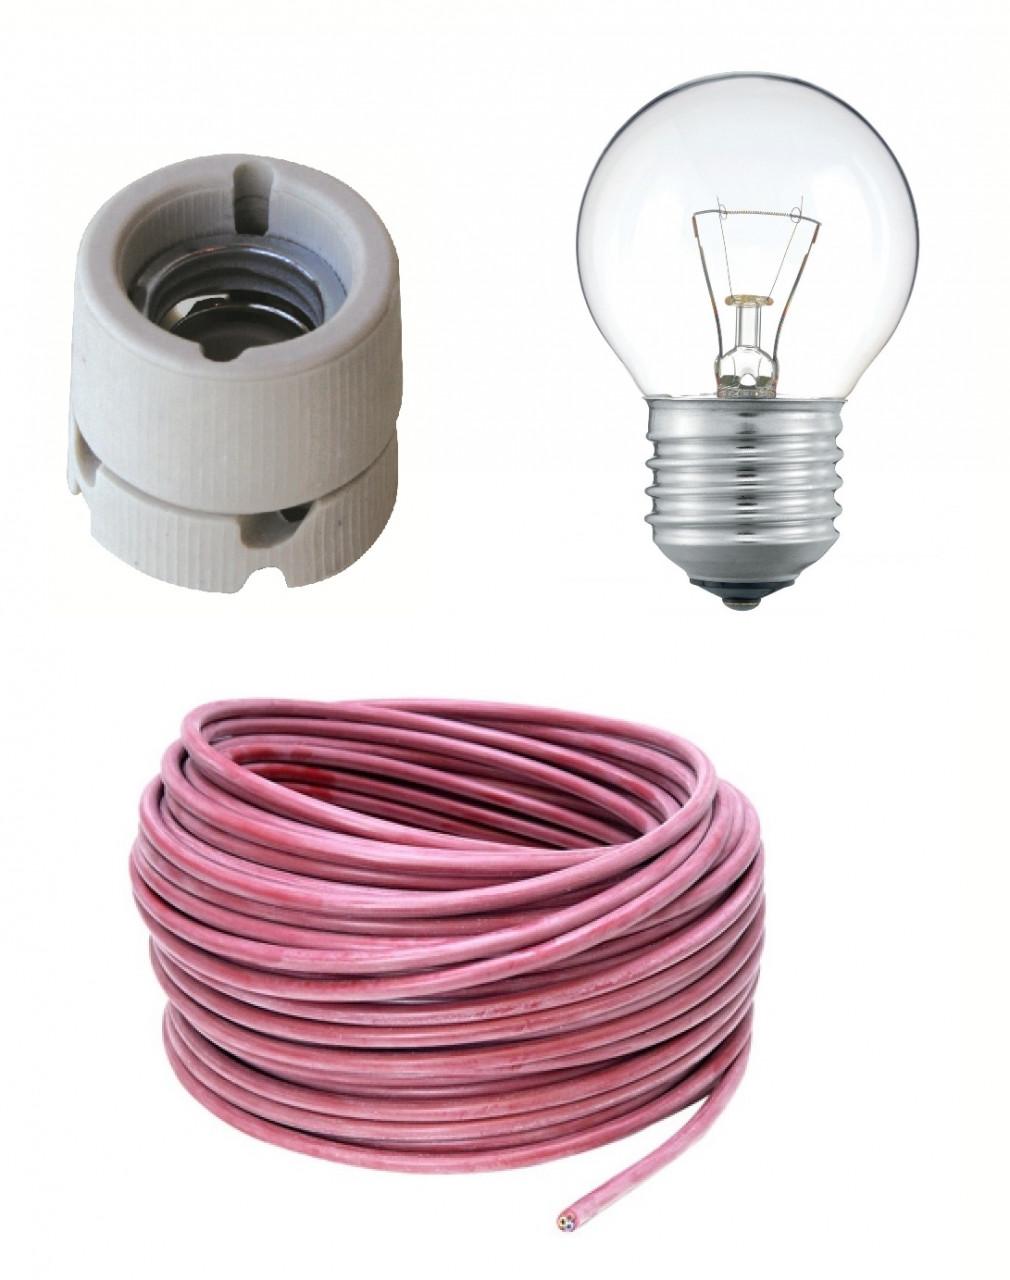 Aansluitset met fitting E27, lamp & 3,5m kabel